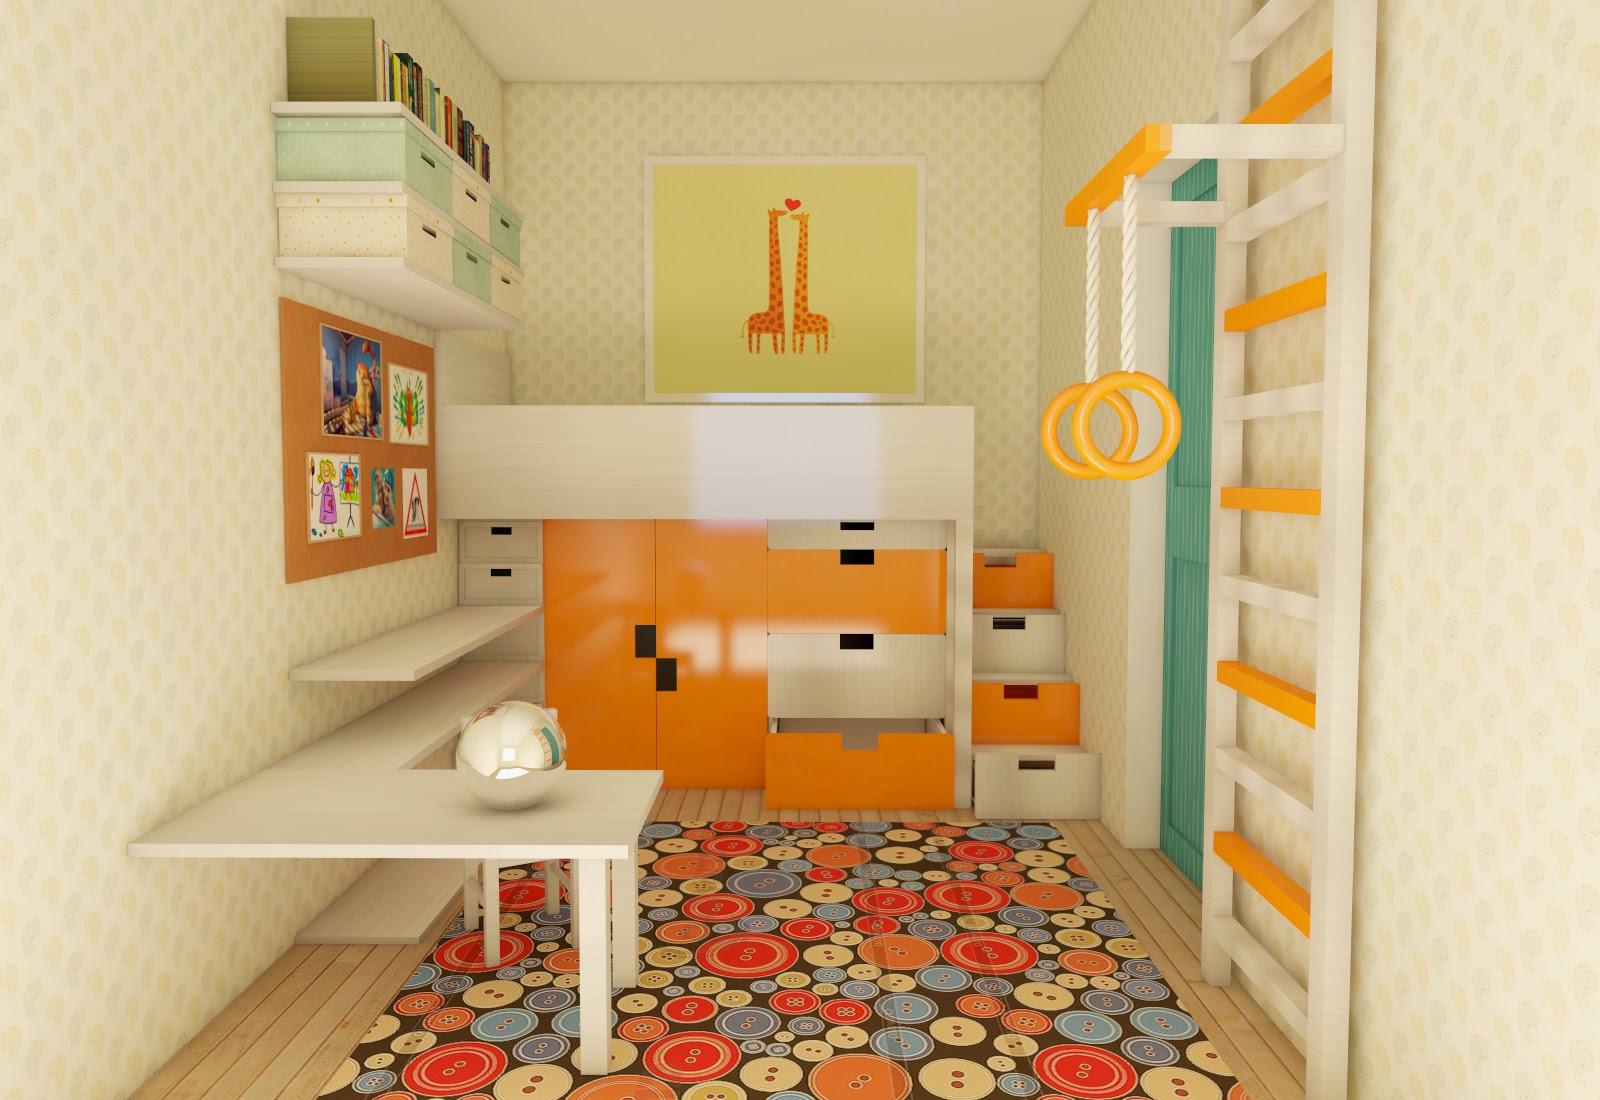 Комната 6 кв. м дизайн